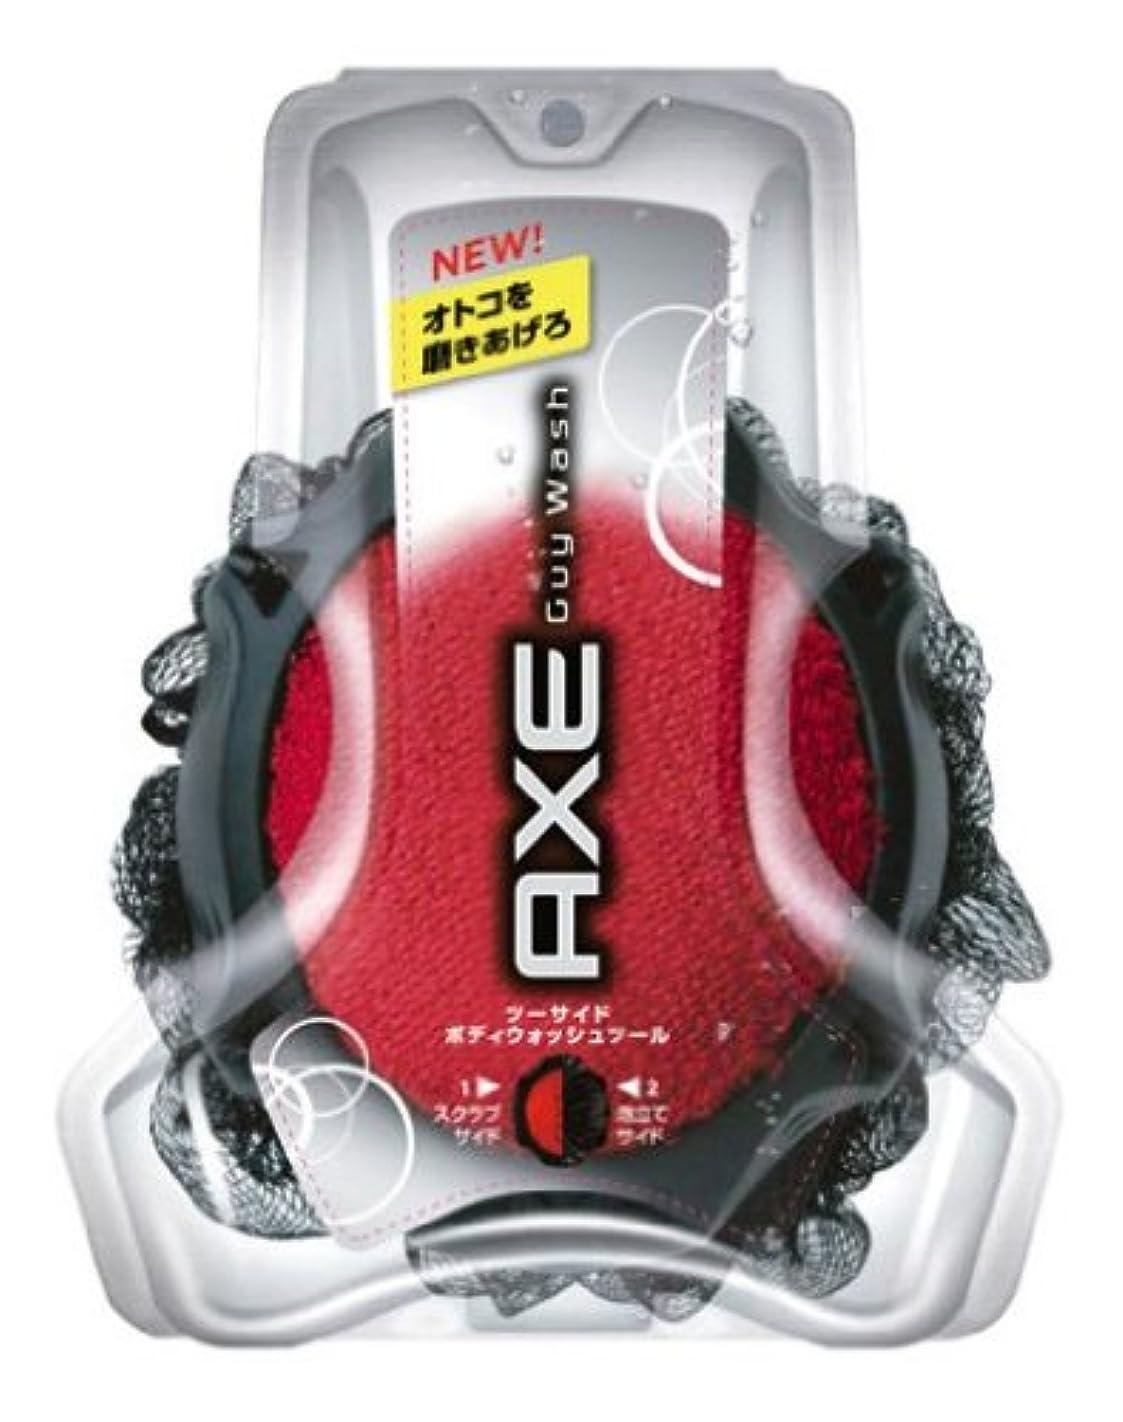 物足りない柔らかさ光AXE(アックス) ガイウォッシュ 88g